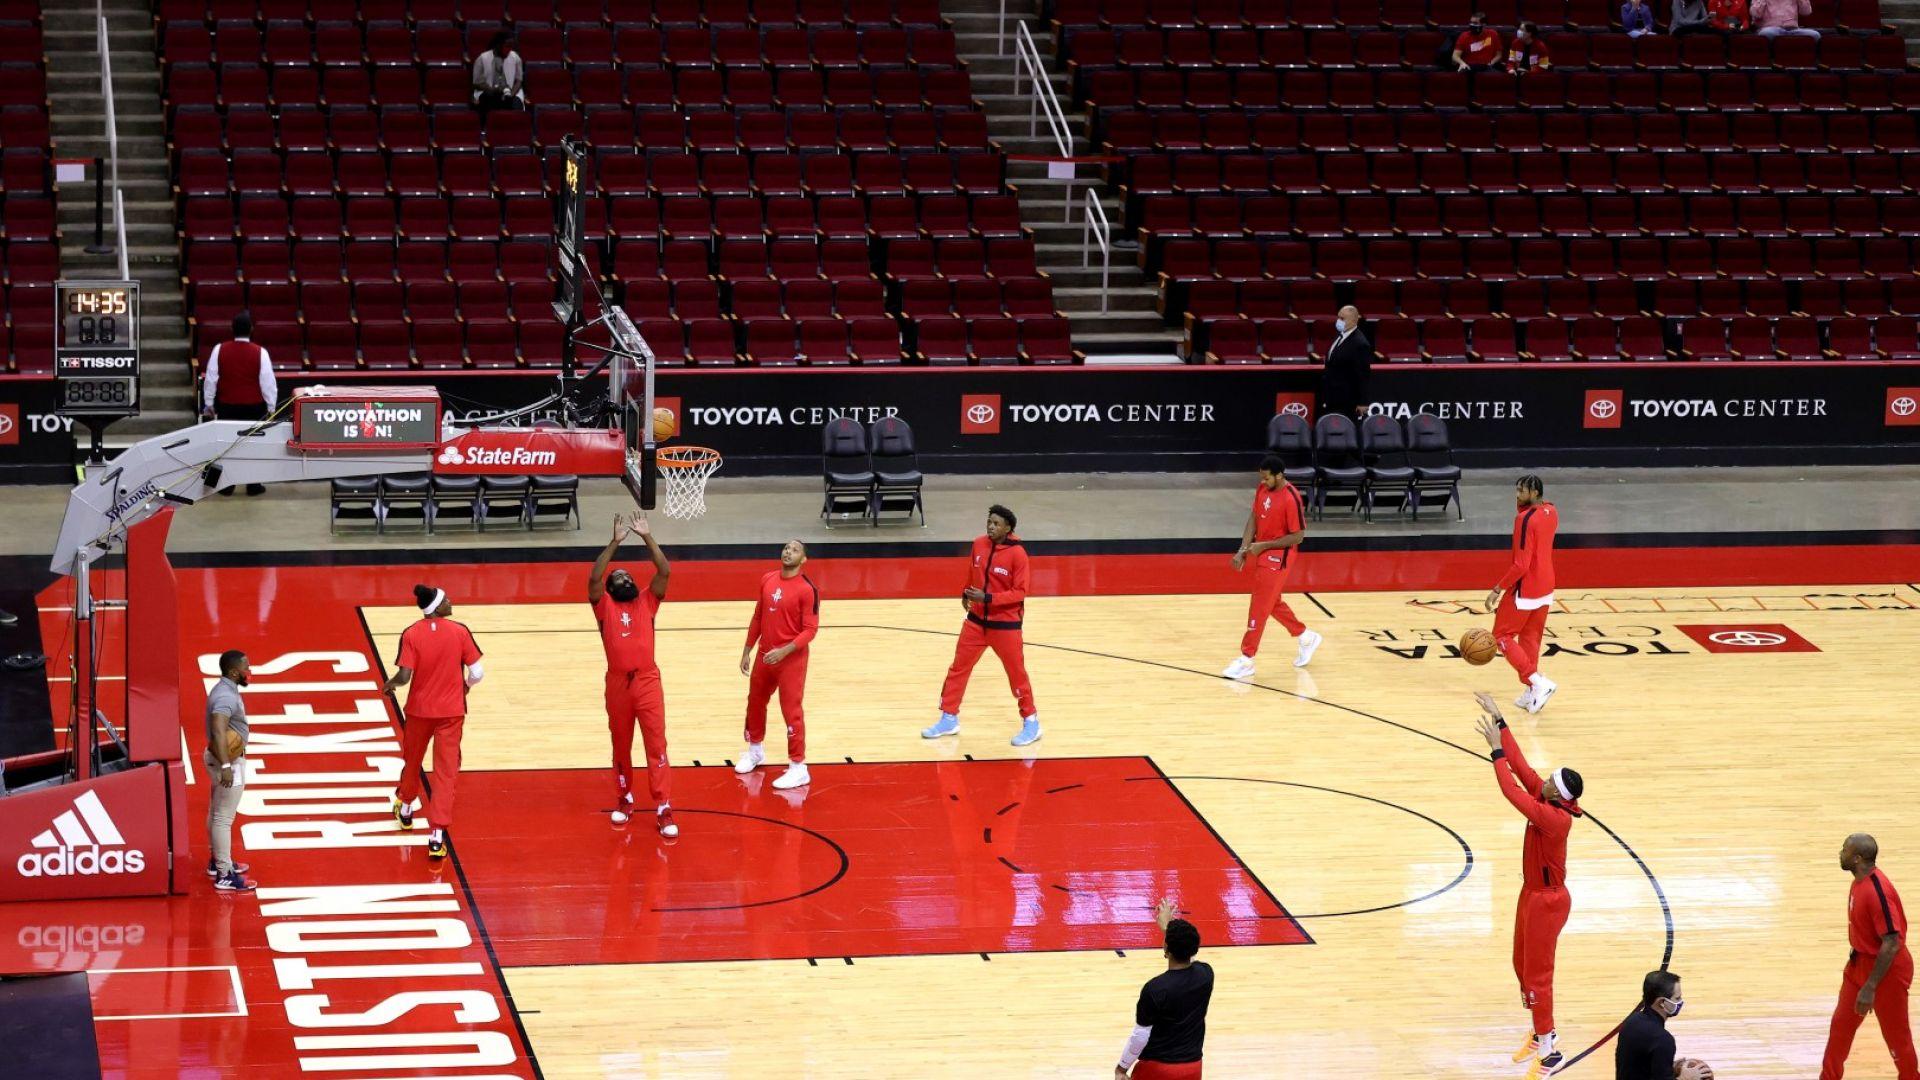 Мач от новия сезон в НБА пропадна, Хюстън не събра играчи